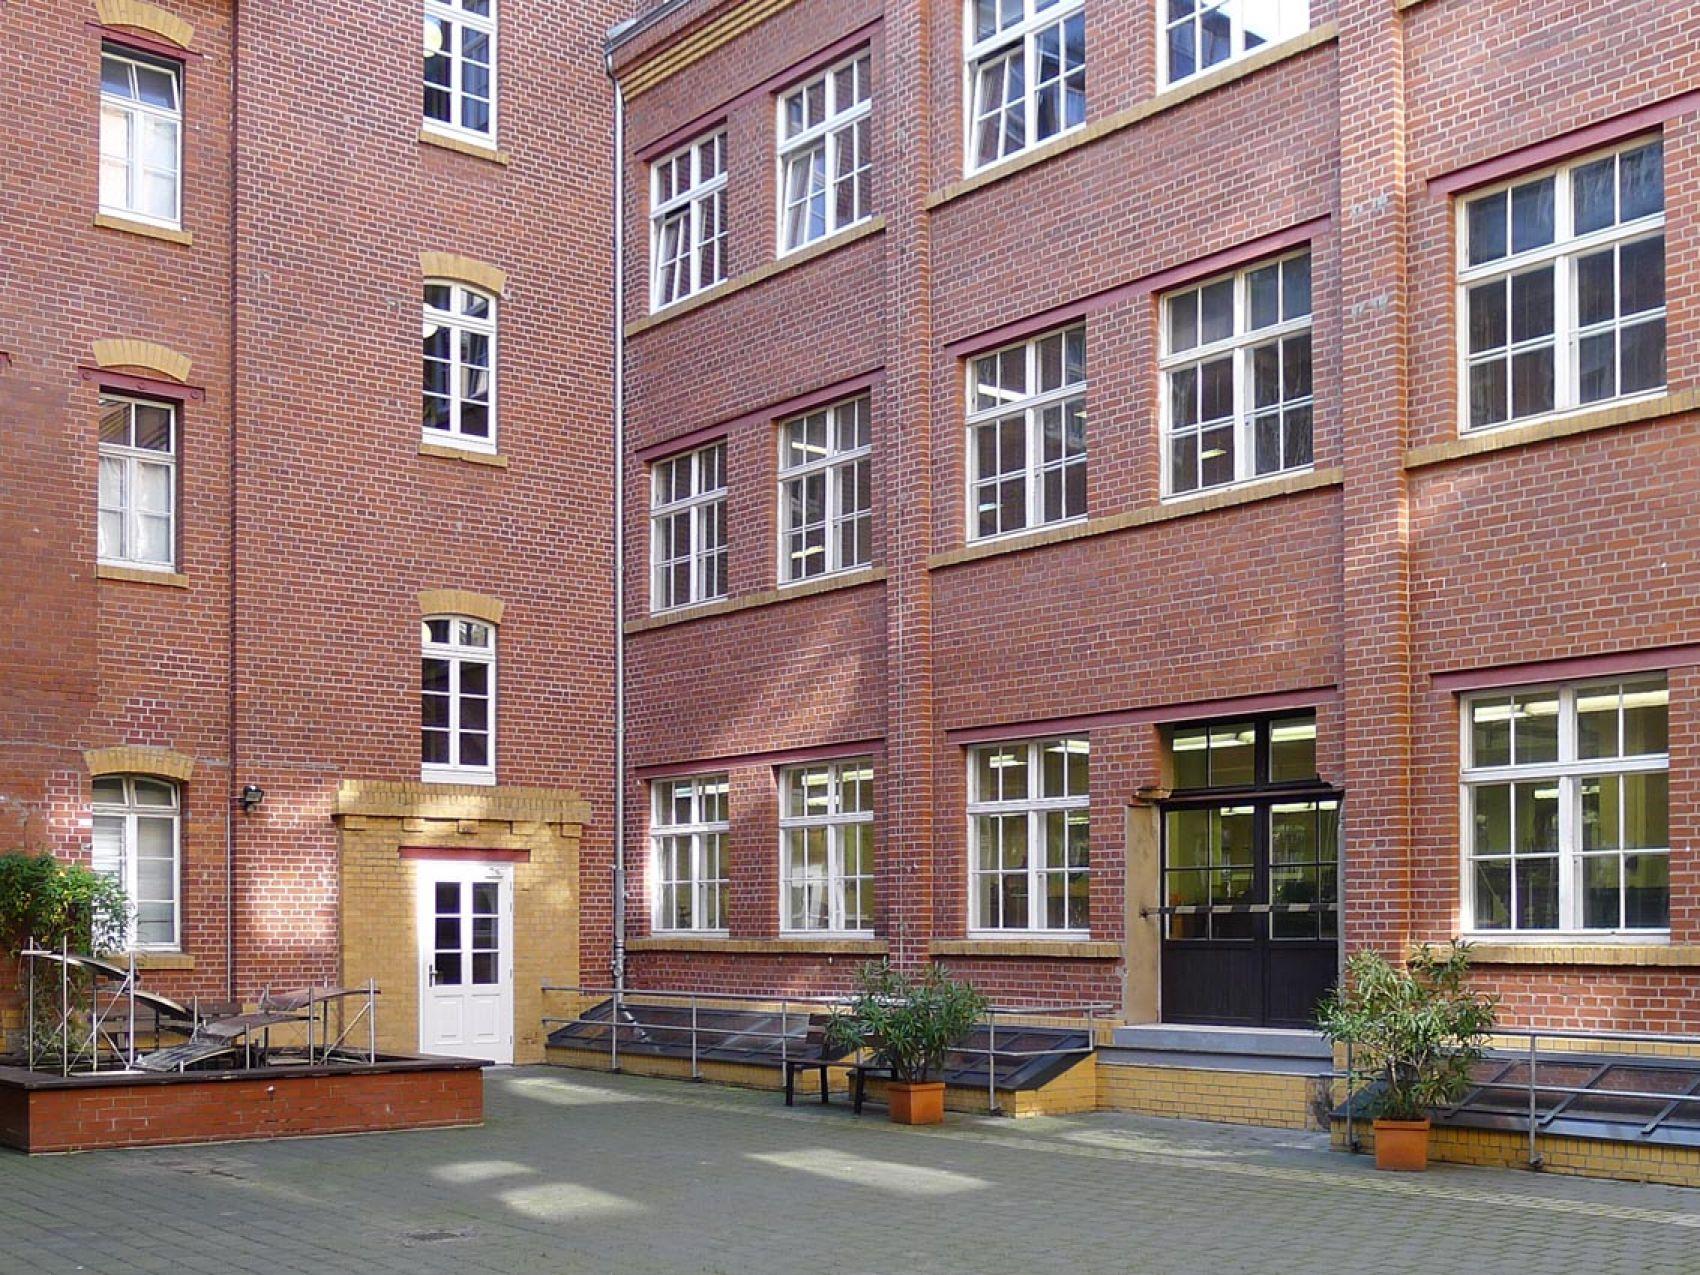 Il cortile interno del museo: i mattoni rossi sono tipici degli edifici industriali. Foto: Museo dell'arte tipografica di Lipsia